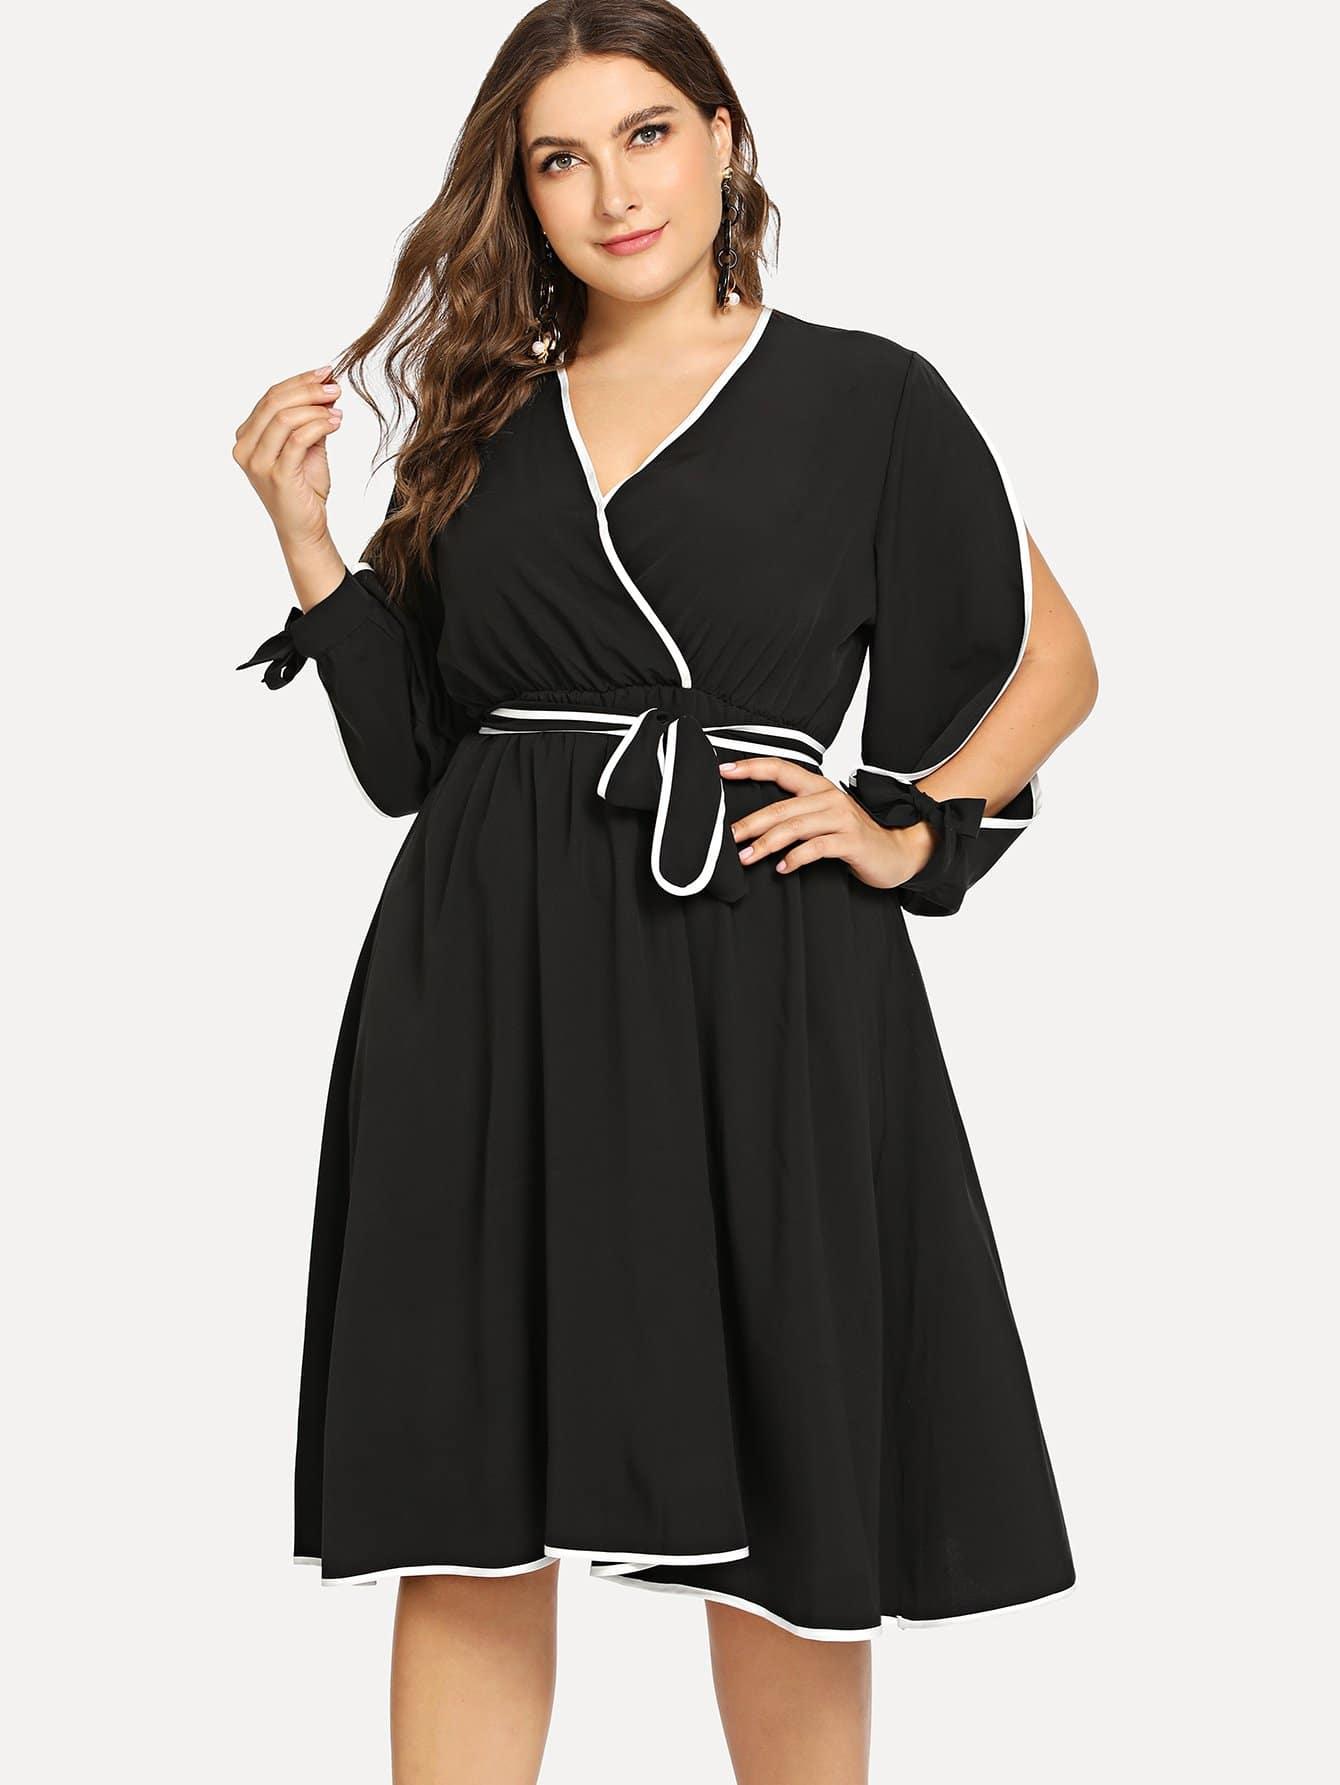 Купить Повседневные с поясом Чёрные Платья большого размера, Franziska, SheIn